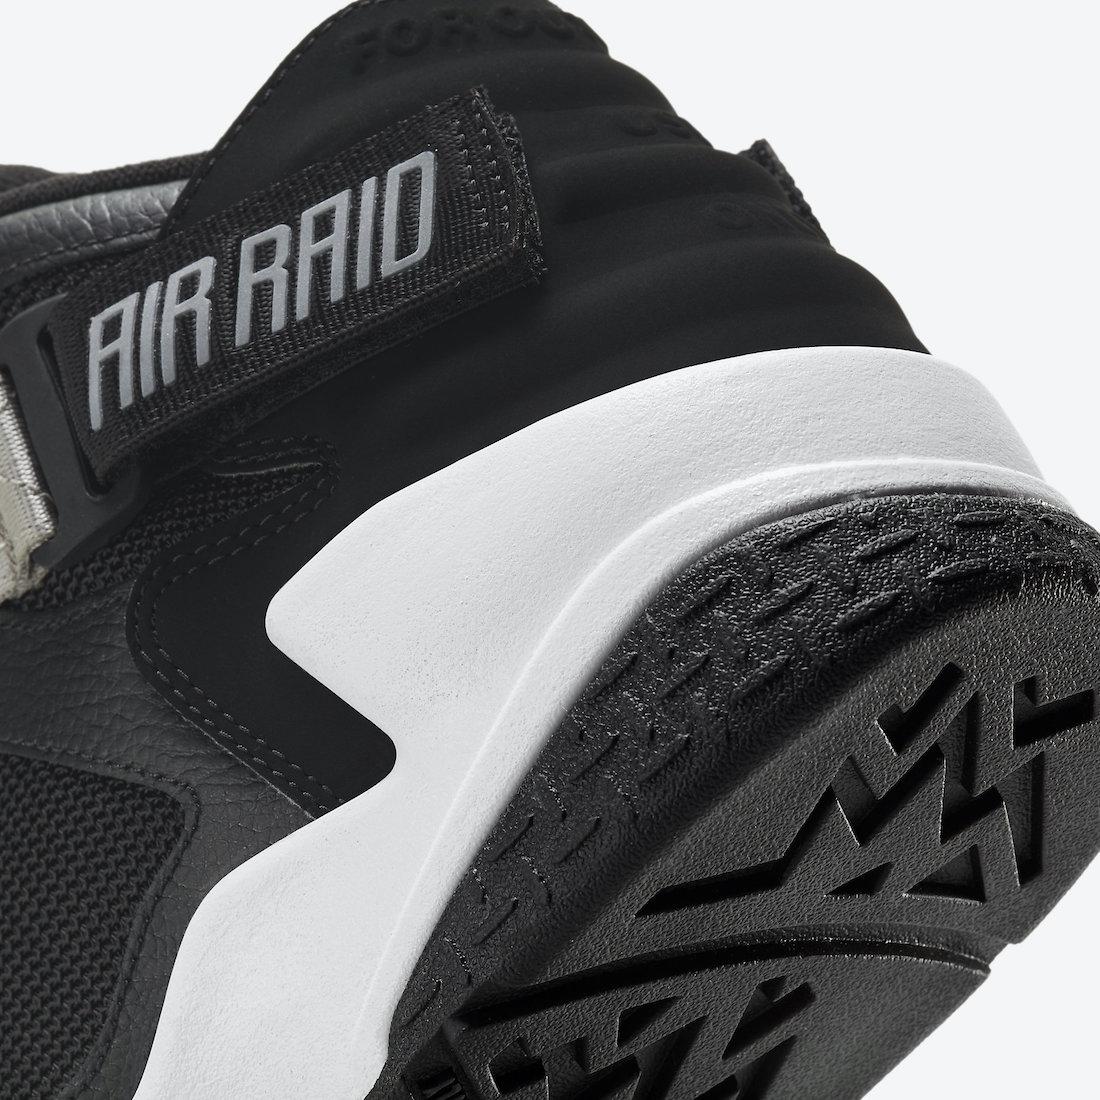 Nike-Air-Raid-OG-DC1412-001-Release-Date-7